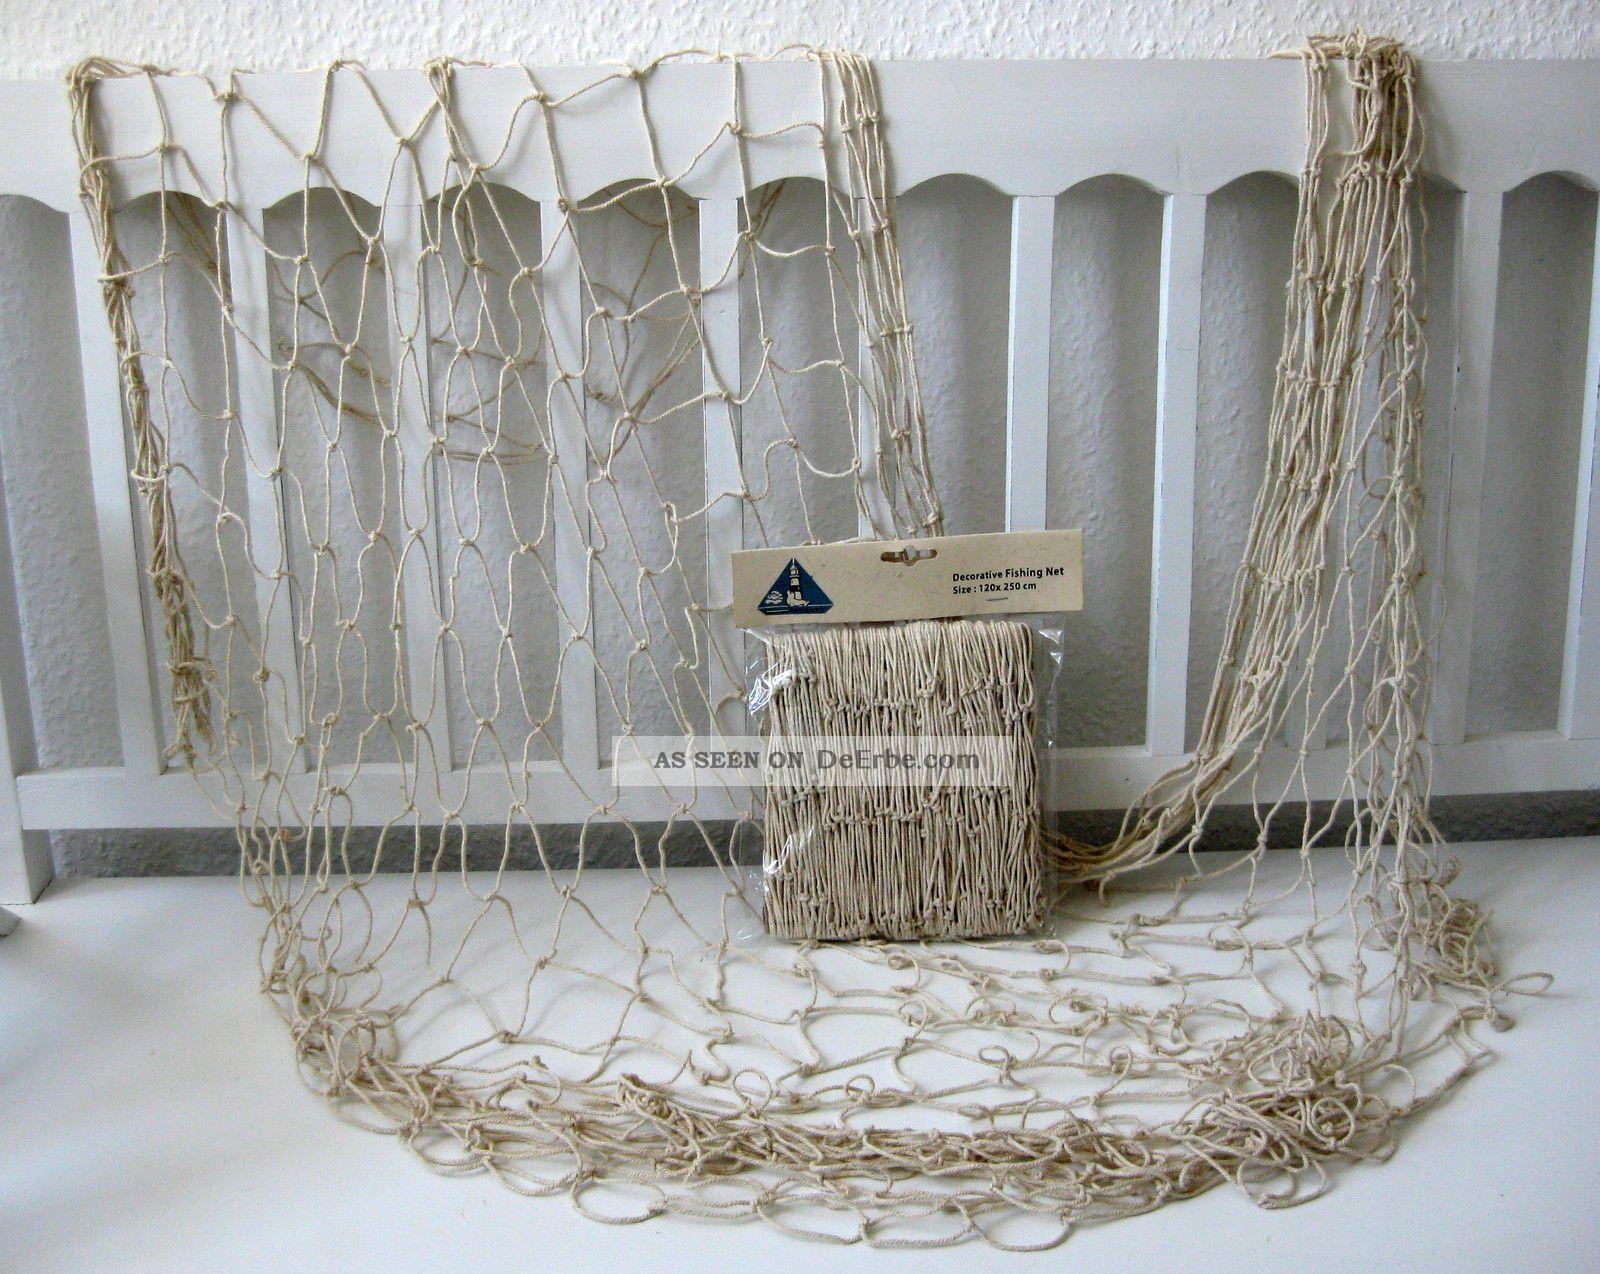 deko fischernetz beige dicke baumwolle 120x250cm dekonetz netz badezimmer. Black Bedroom Furniture Sets. Home Design Ideas